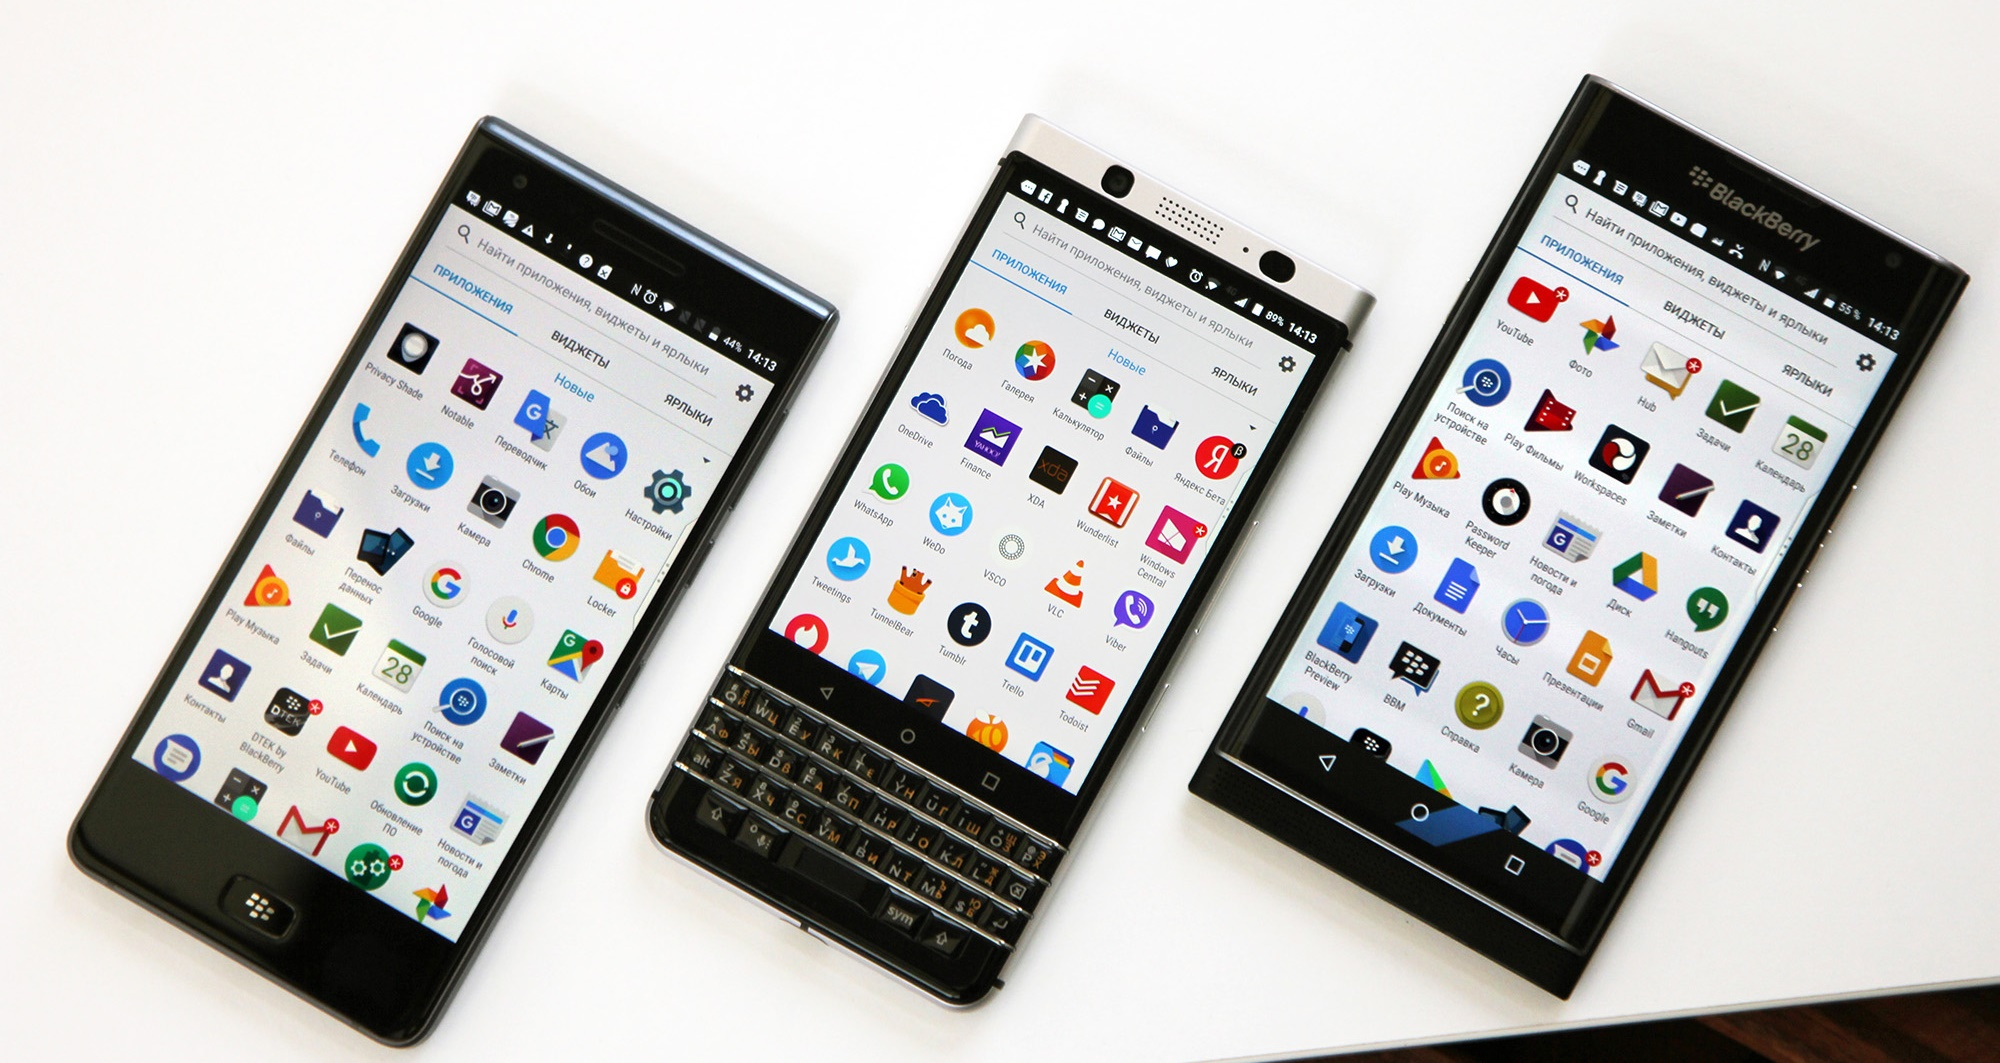 BlackBerry-Motion-Review-02.jpg